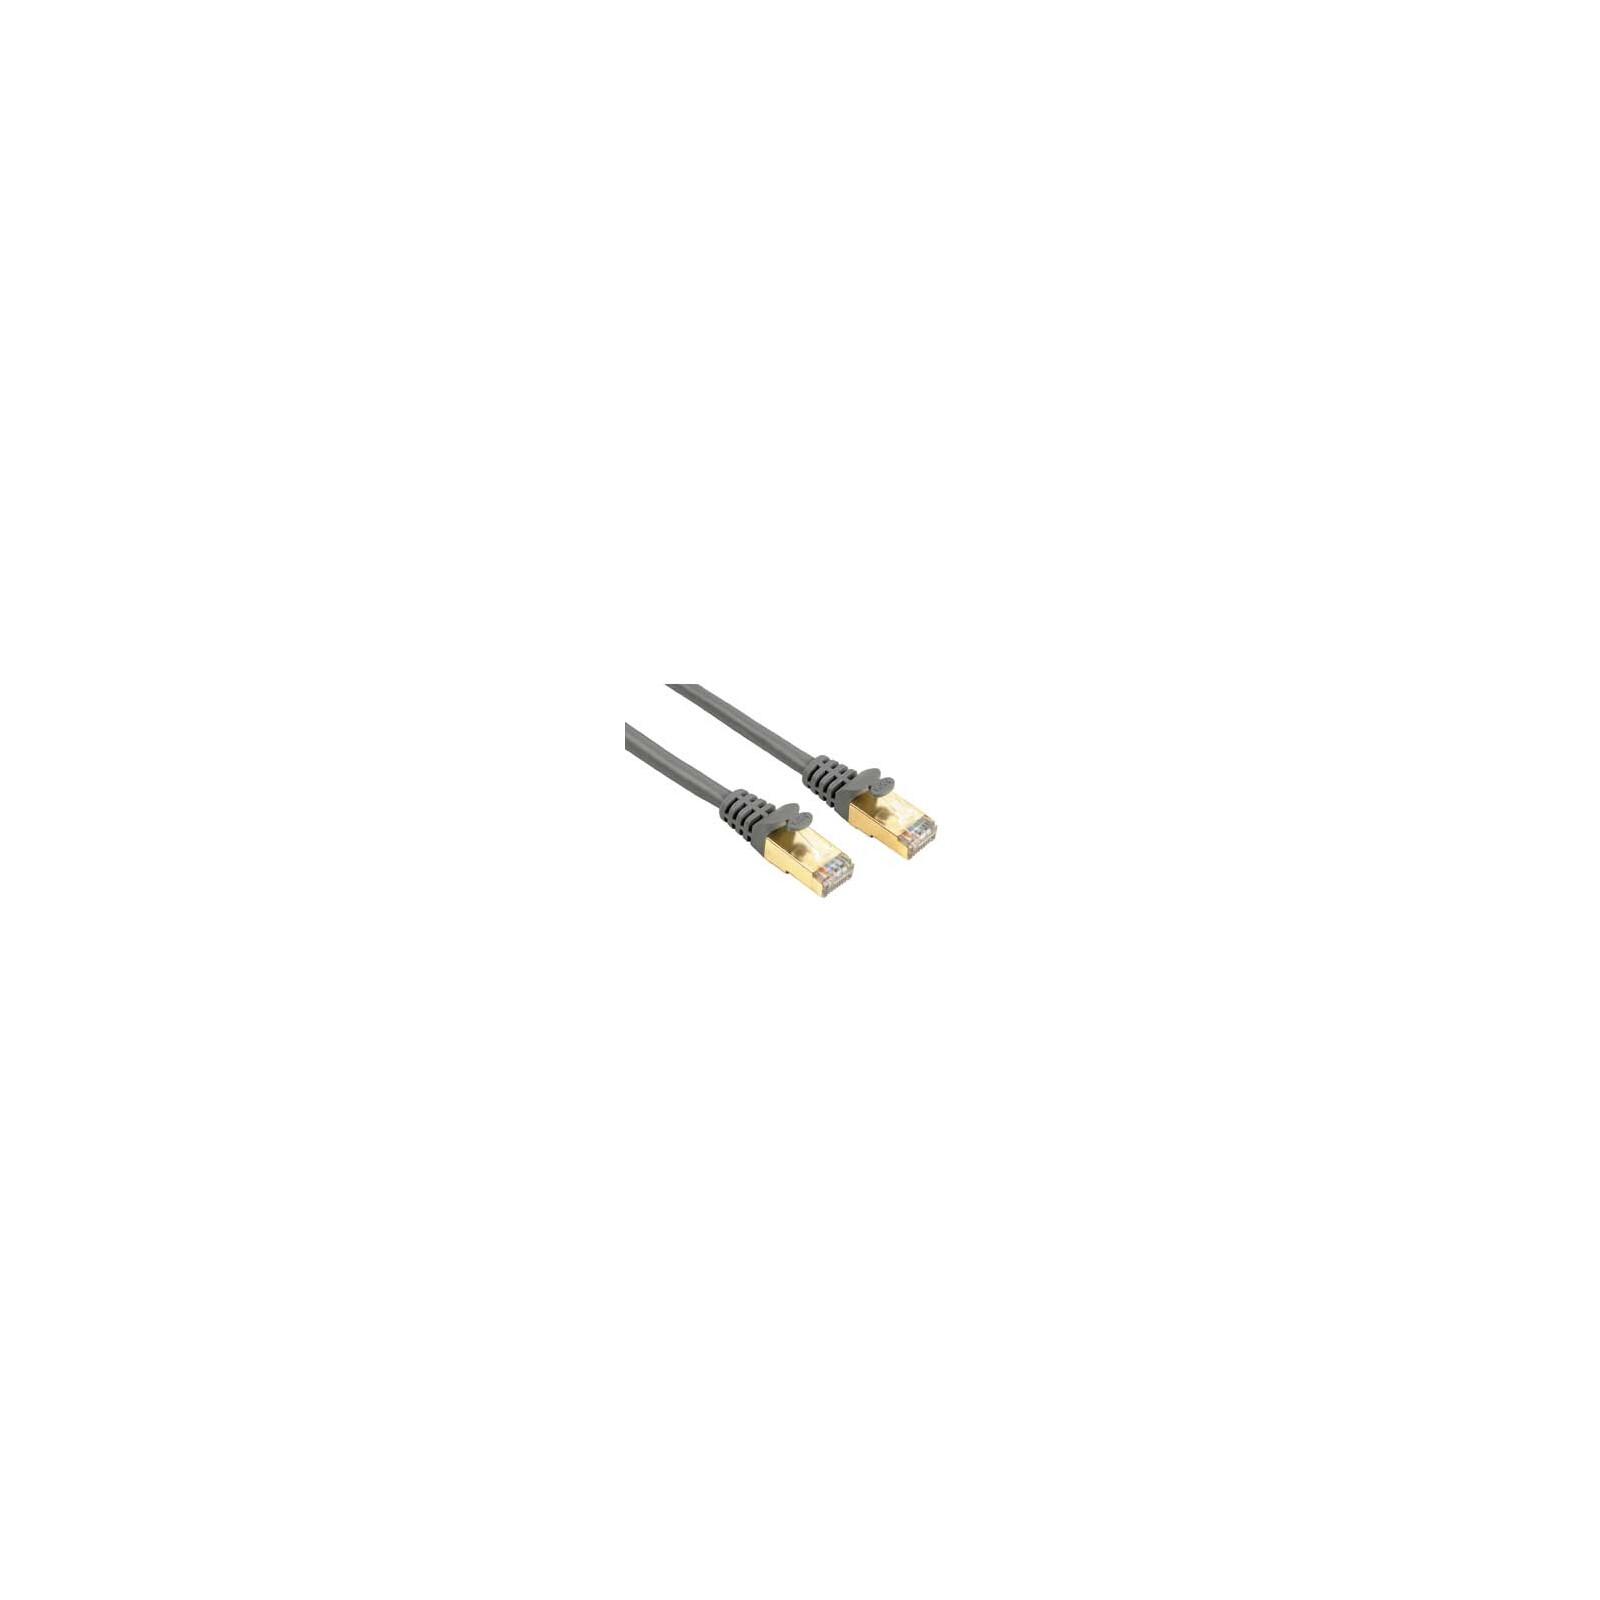 Hama 46736 CAT-5e-Netzwerkkabel STP, vergoldet, geschirmt, G